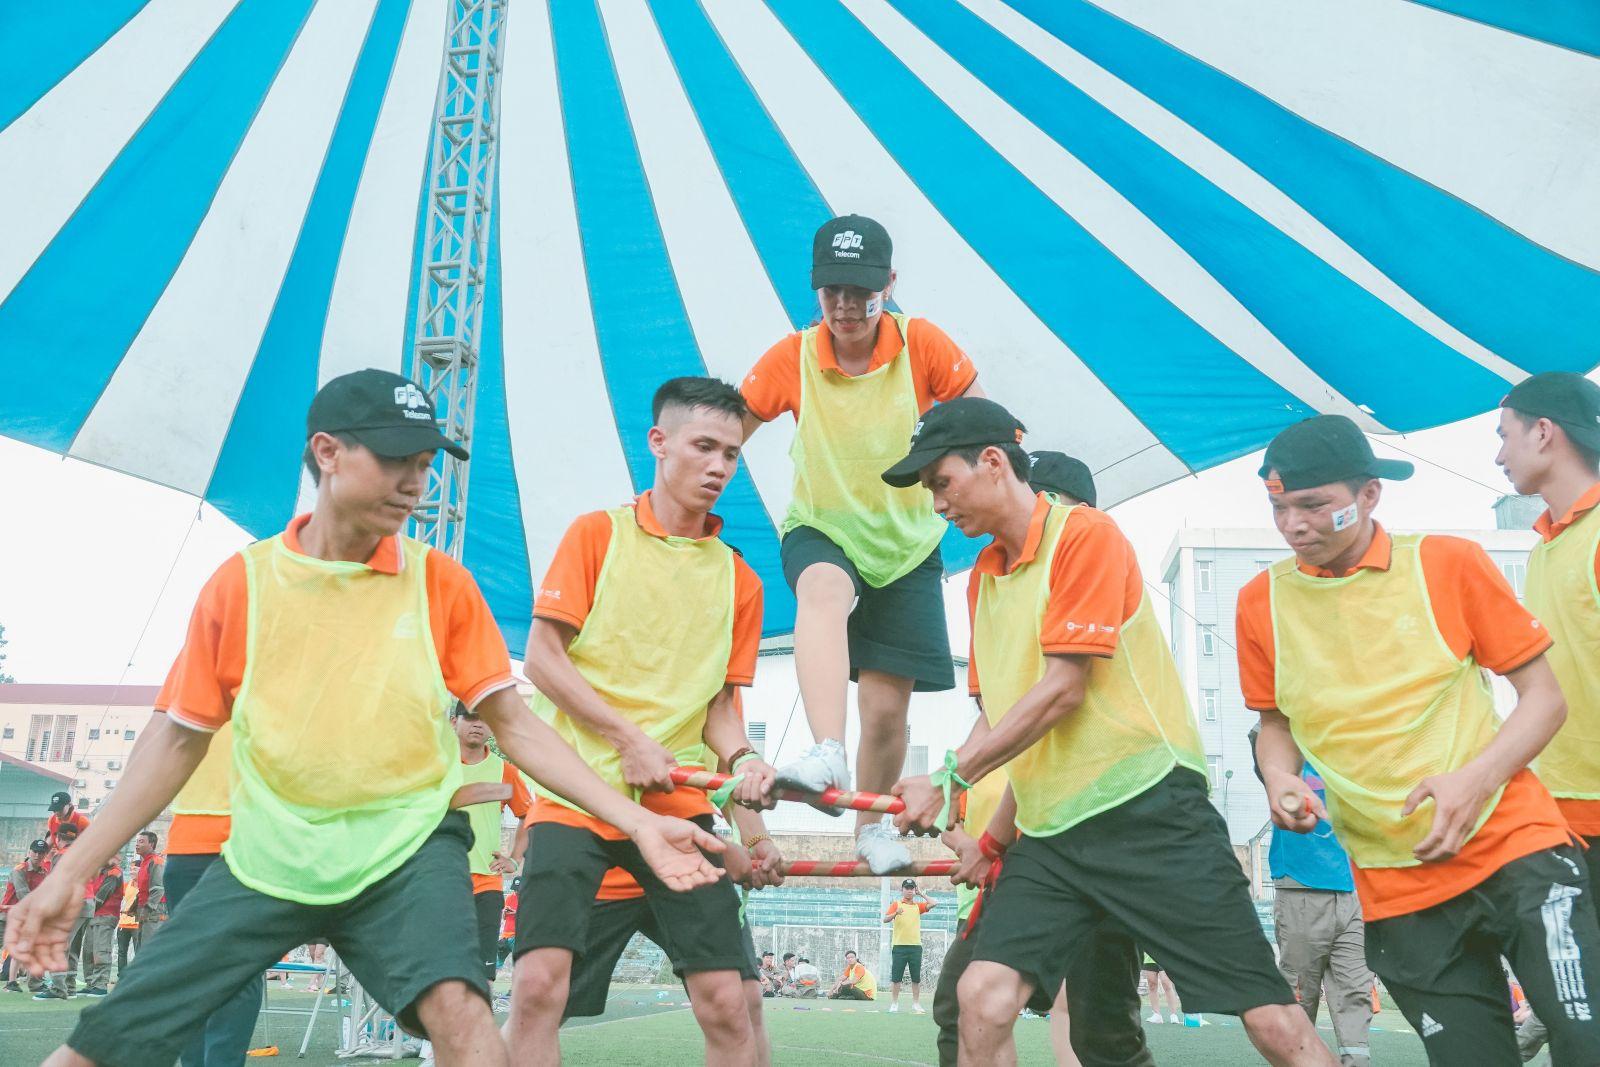 """Anh Trần Quang Đức, nhân viên Marketing FPT Telecom Vùng 2 cho biết: """"Các hoạt động teambuilding nhằm nâng cao tinh thần gắn kết, đồng đội của anh em. Hơn nữa hoạt động chủ yếu dùng chân tay nên anh em đều hào hứng tham gia""""."""